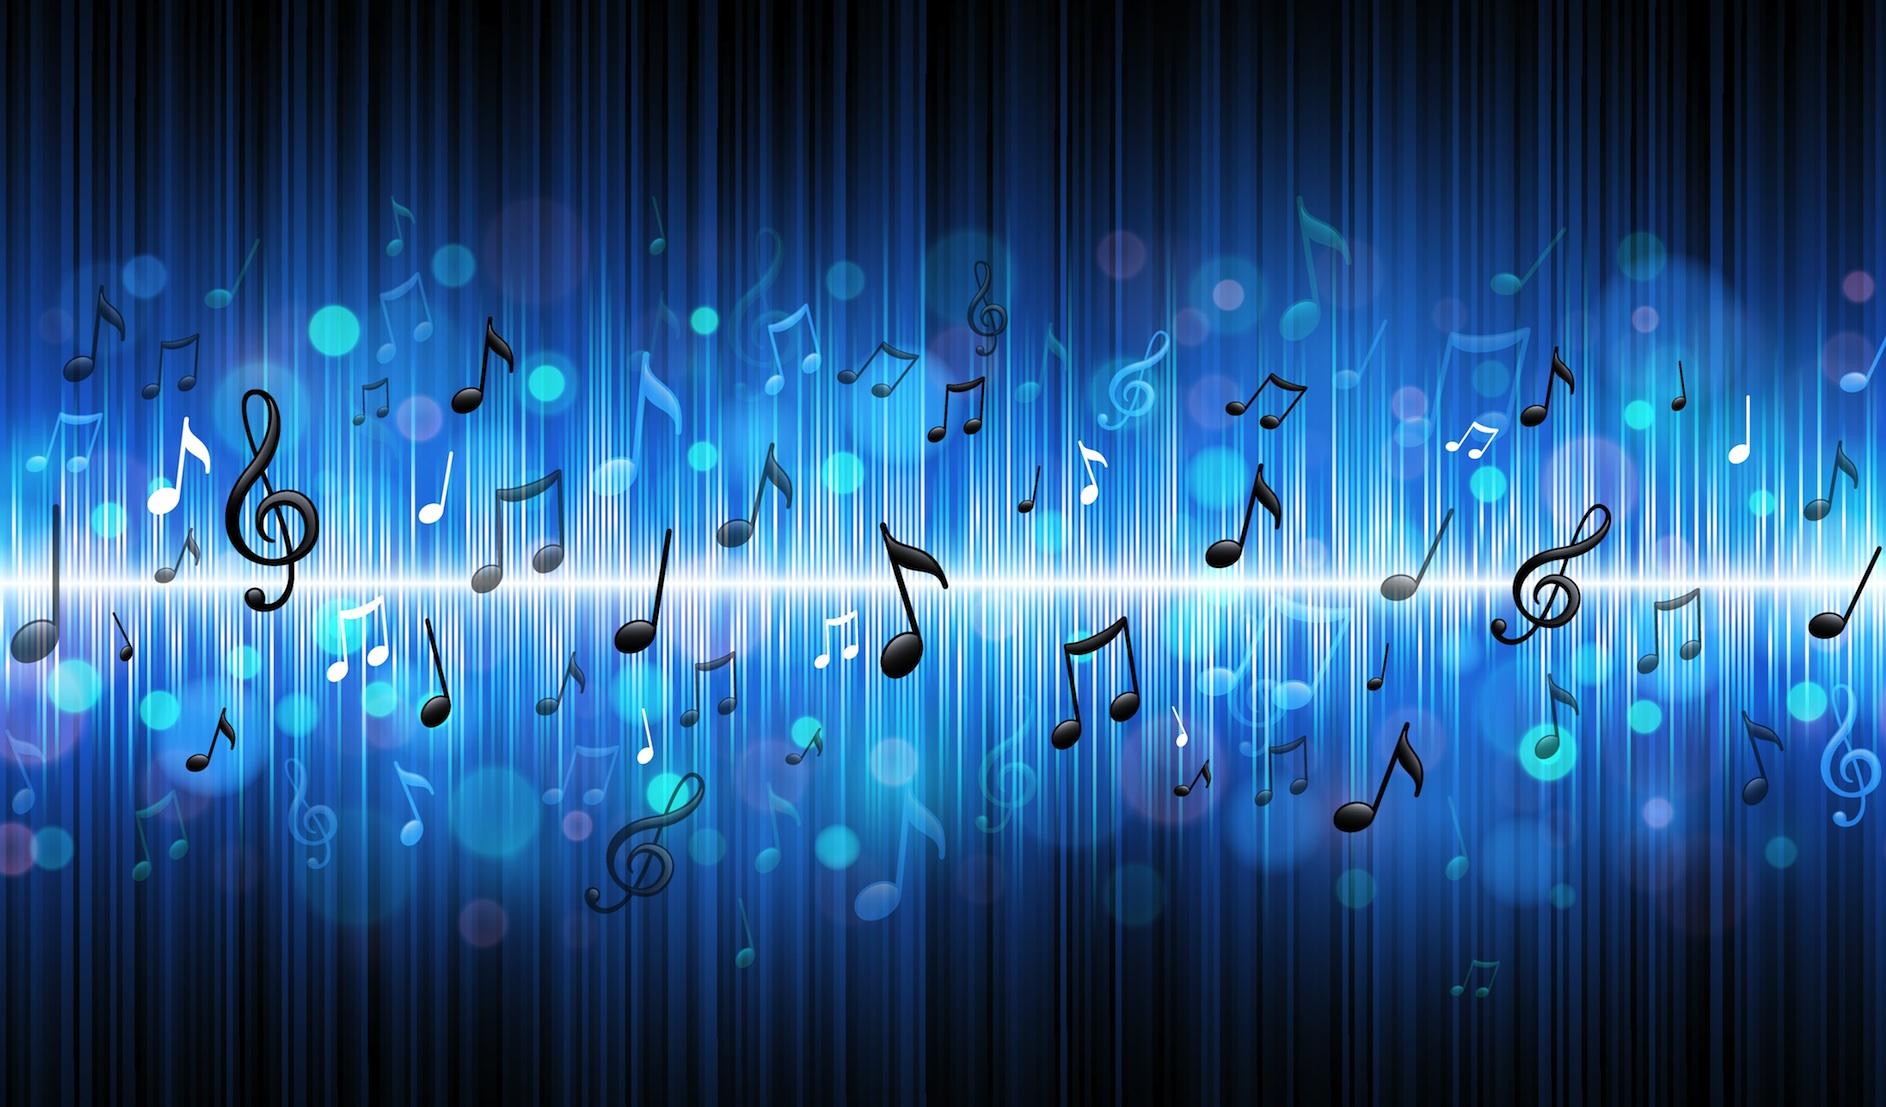 Blue Music Wallpaper - WallpaperSafari